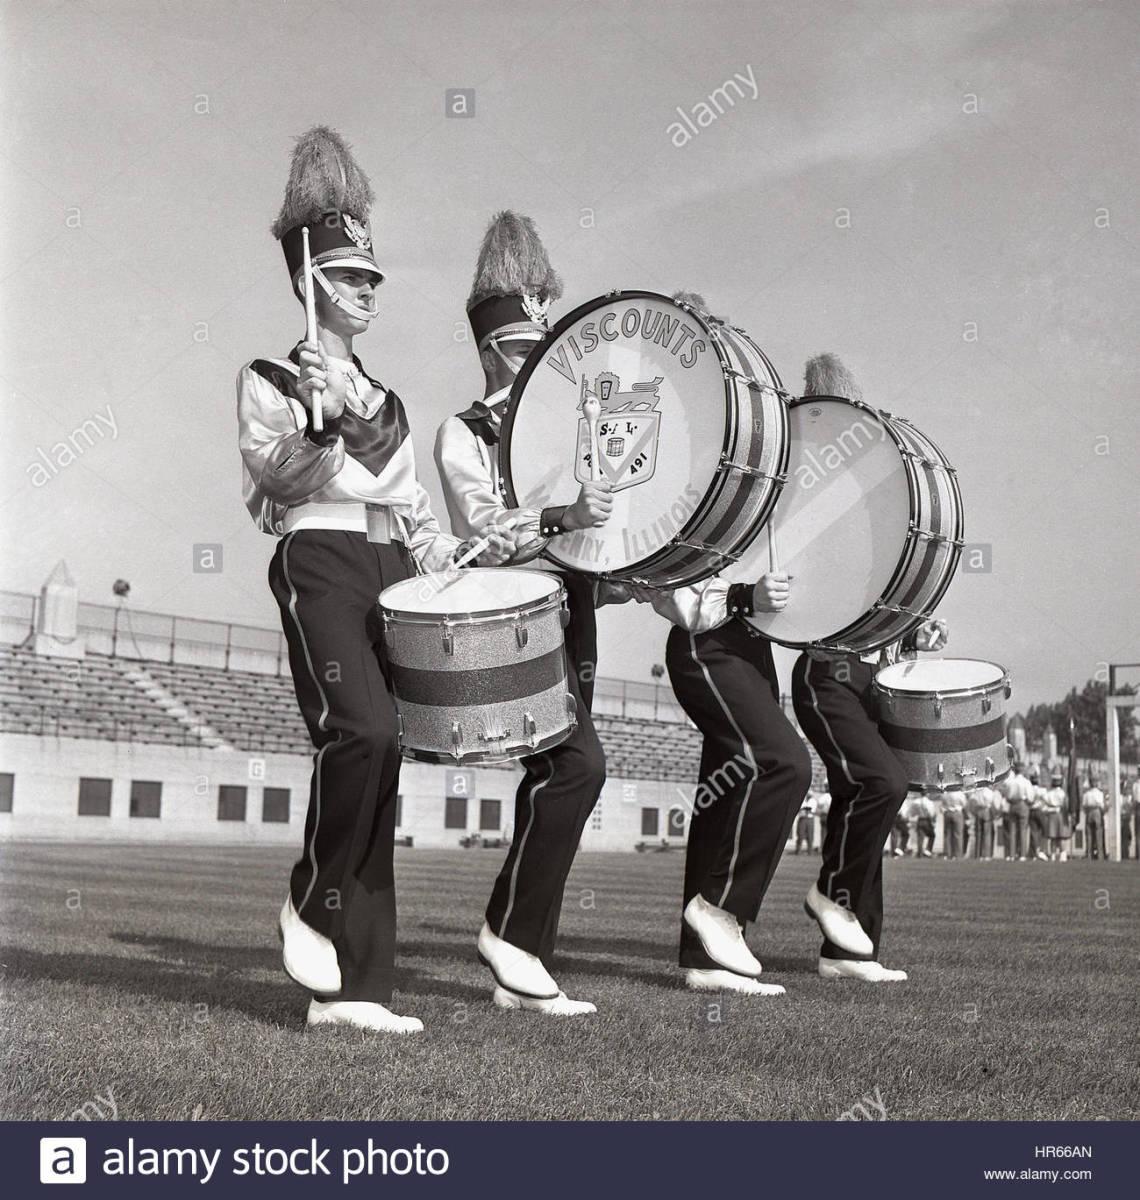 enjoy-the-drum-patterns-of-spartan